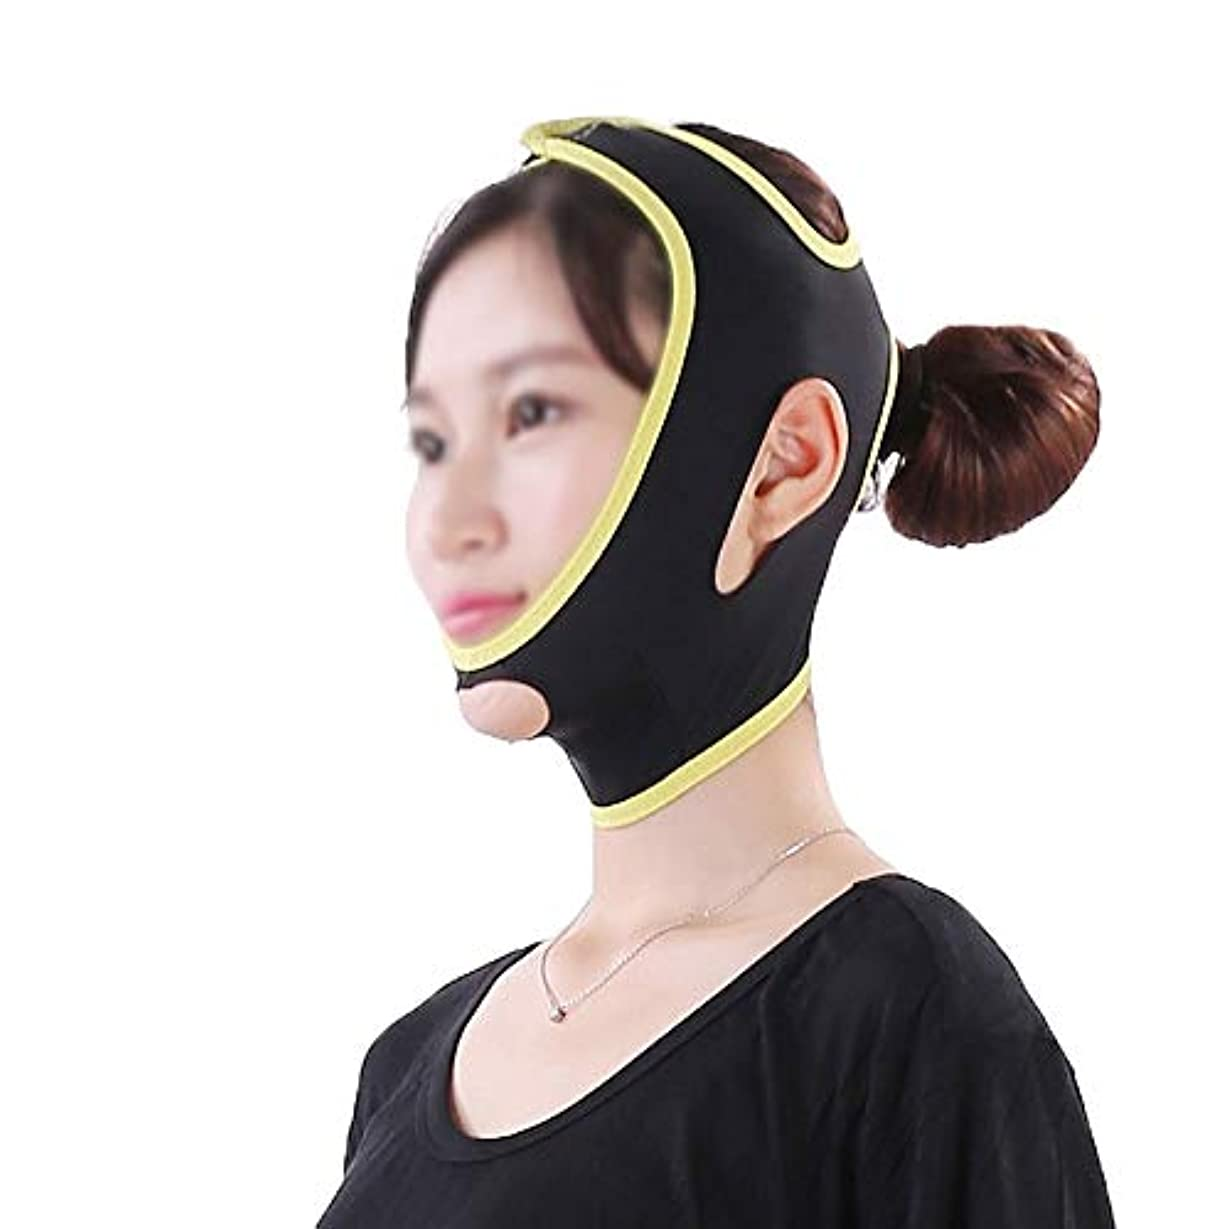 研磨論争の的アーカイブGLJJQMY フェイス&ネックリフトシンフェイスマスクパワフルマスクフェイスリフトアーチファクトフェイスリフトフェイスツールシンフェイス包帯シンフェイスマスク美容マスク 顔用整形マスク (Size : L)